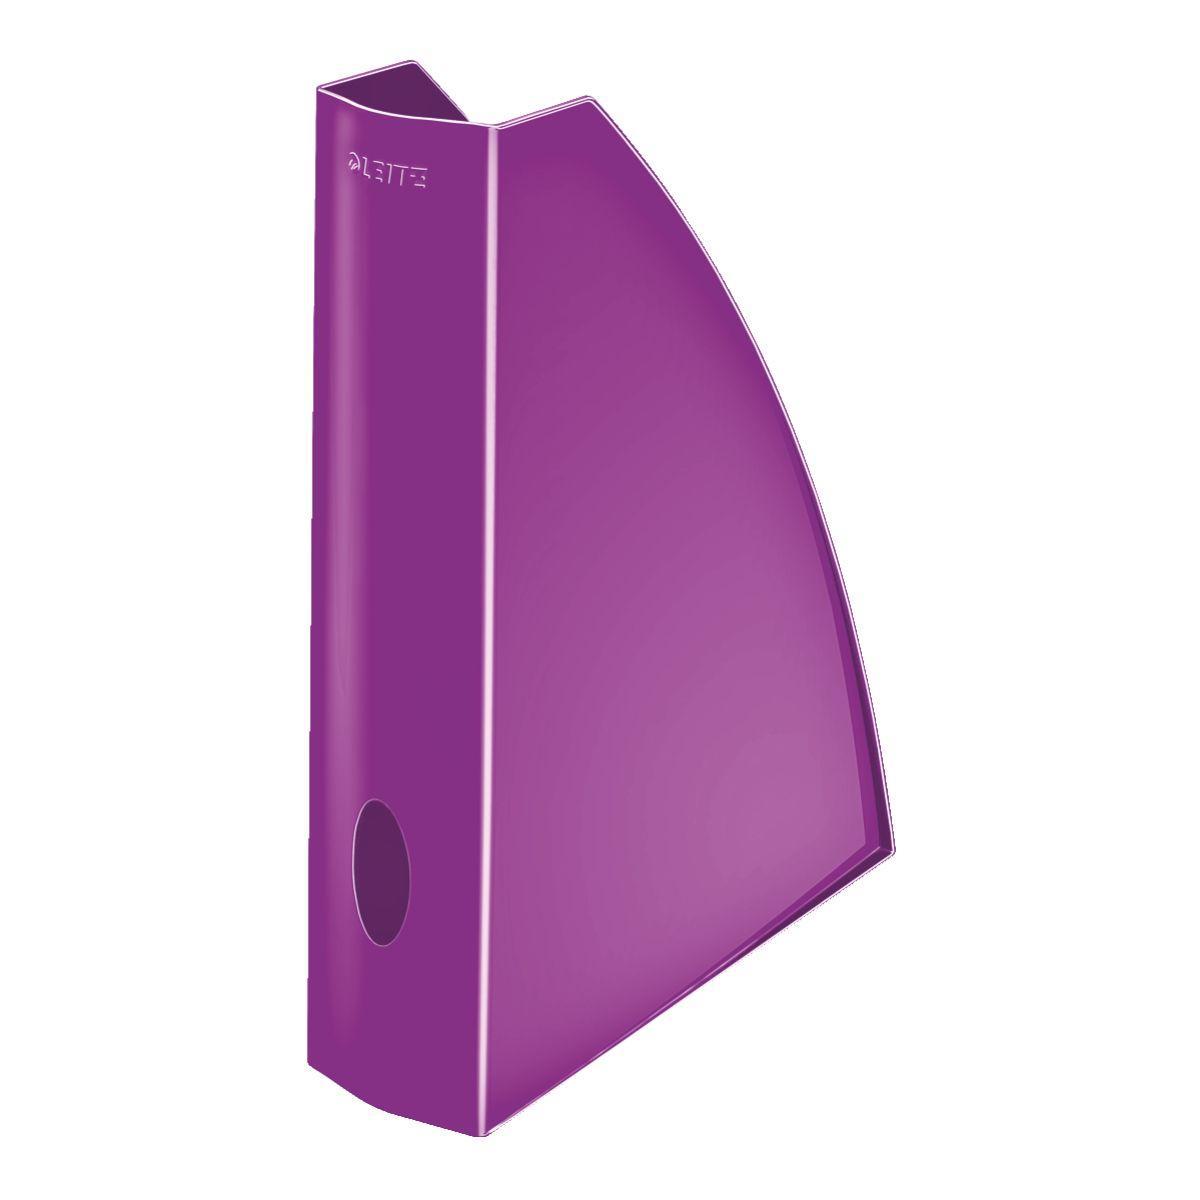 Corbeille leitz porte revue wow violet - 2% de remise imm�diate avec le code : automne2 (photo)